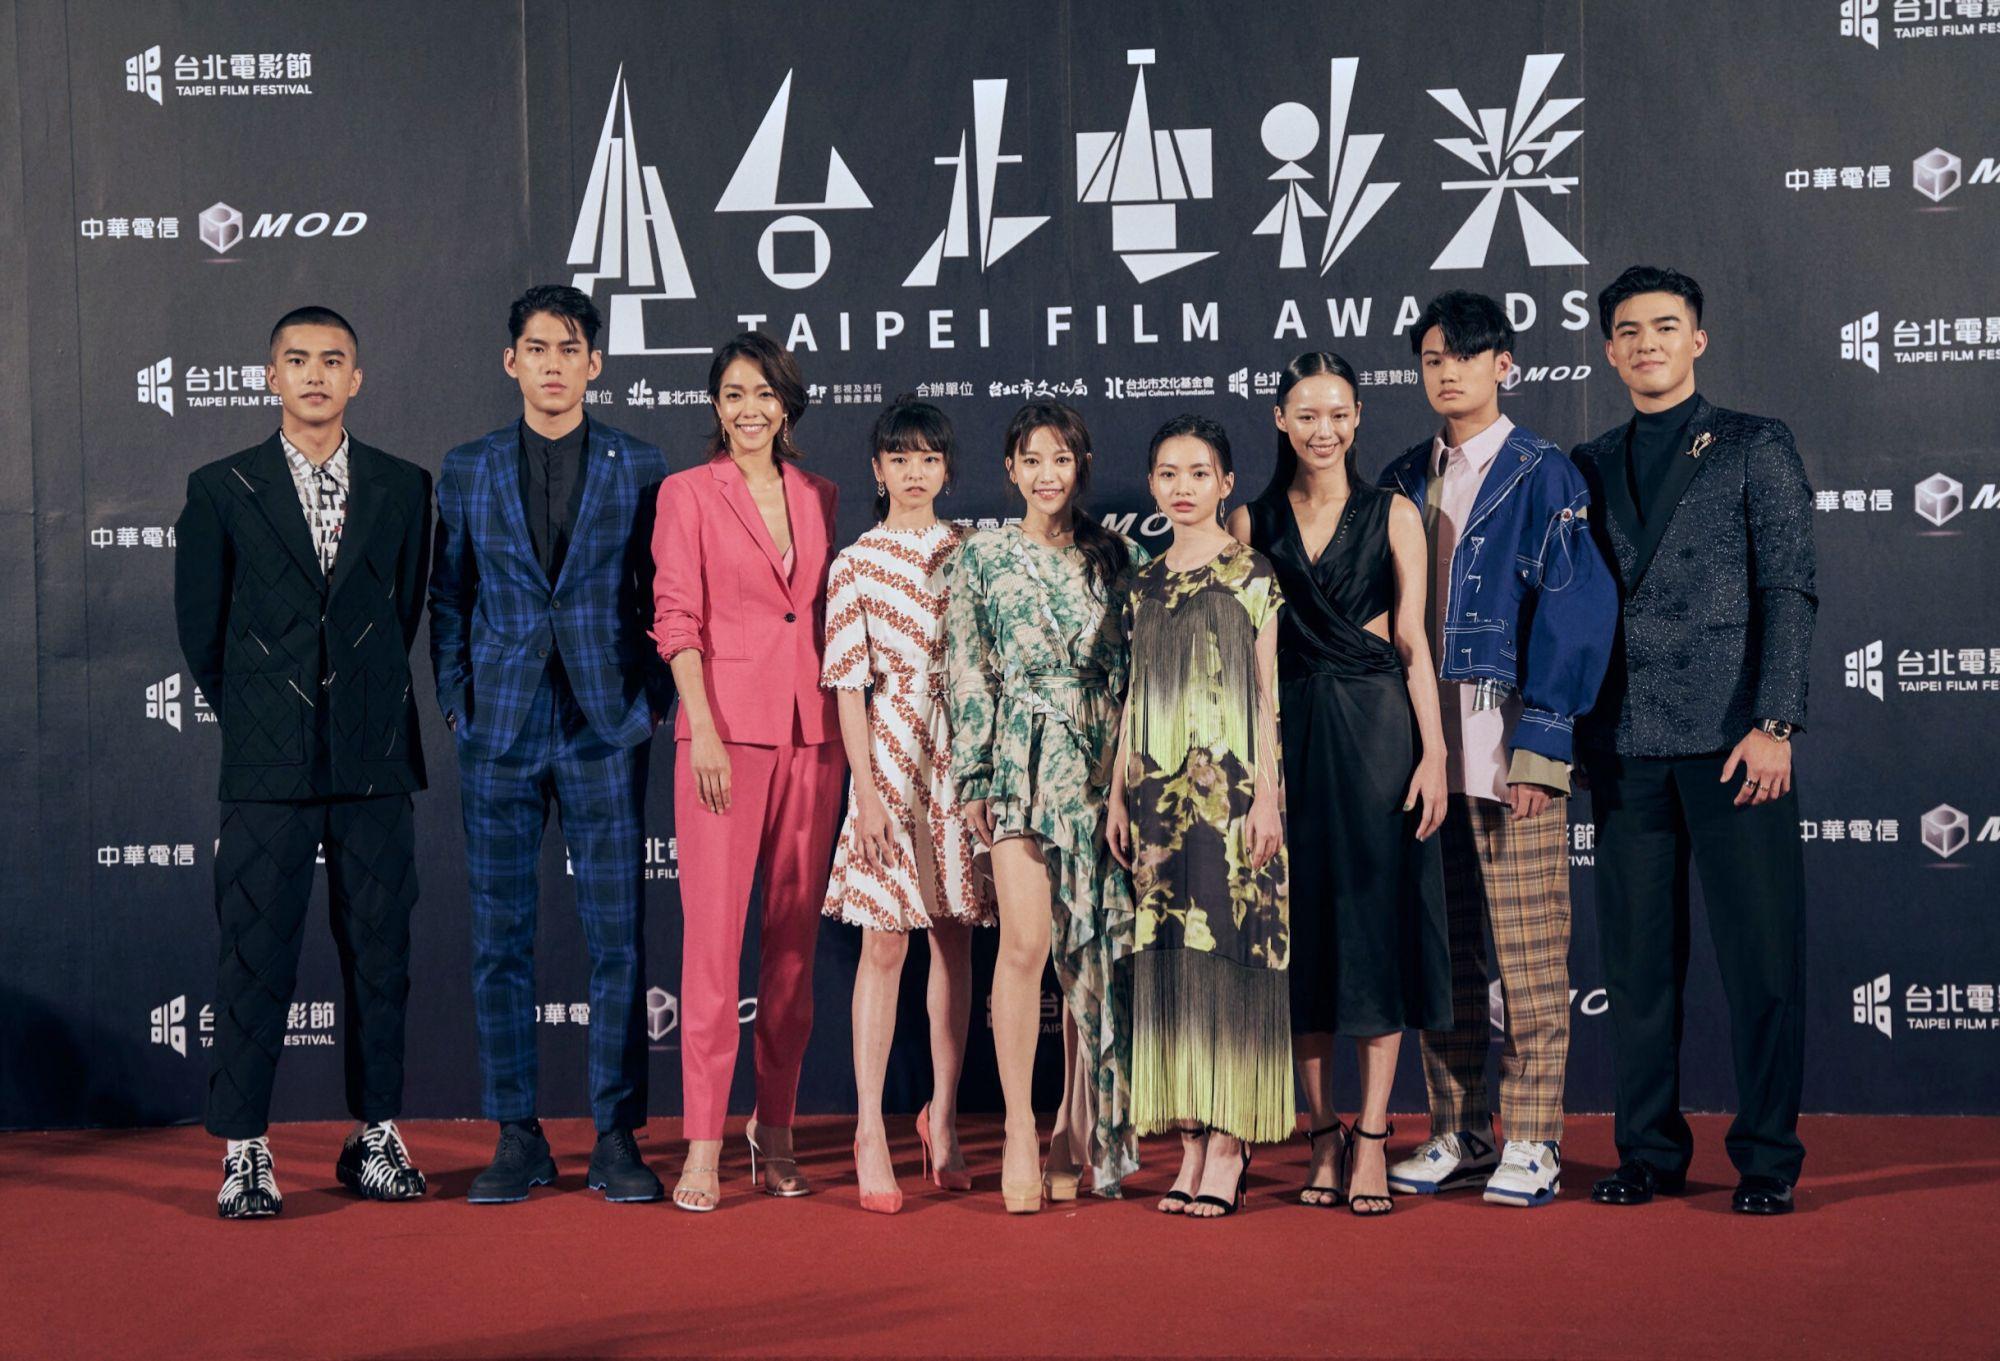 回顧台北電影節前3美:林志玲粉嫩飄逸、張鈞甯帥氣性感、林依晨展現女王氣勢